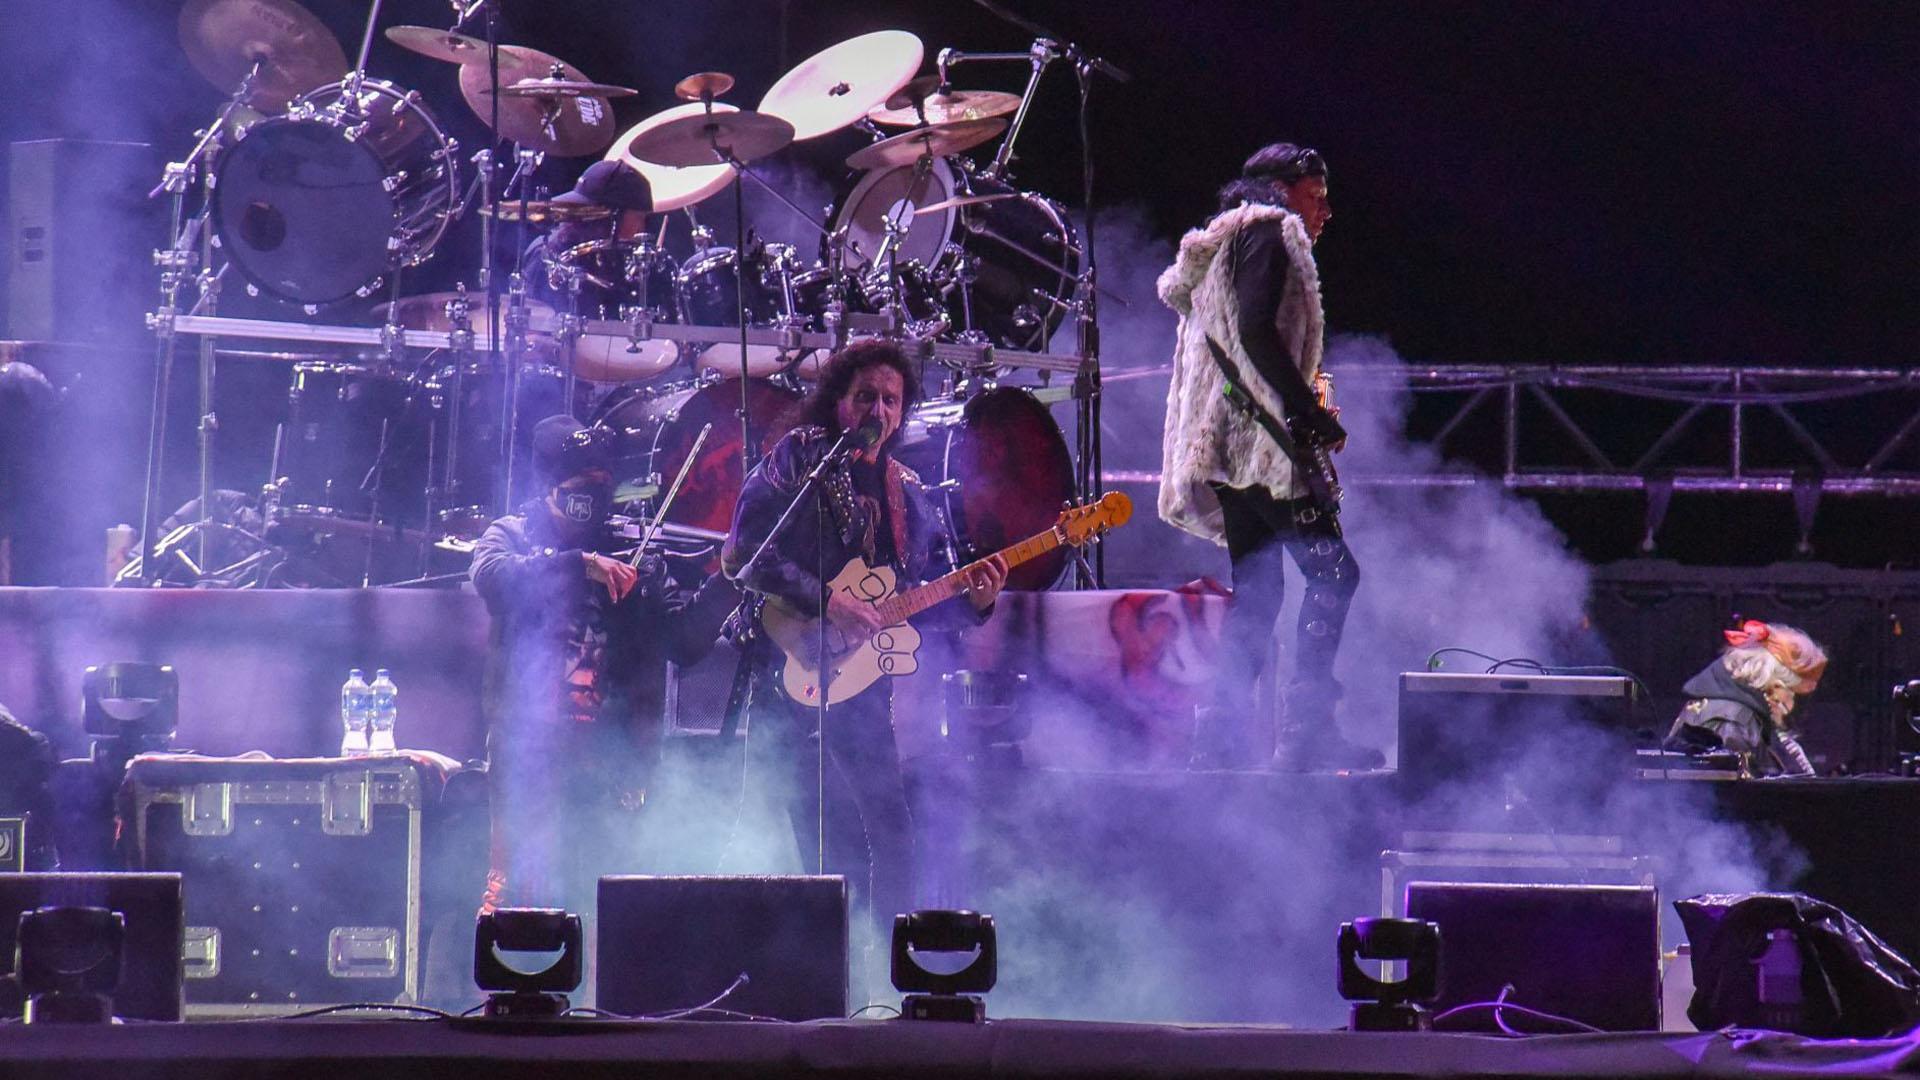 La banda estrenó dos canciones inéditas, las cuales fueron inspiradas por la pandemia provocada por el COVID-19 (Foto: Cuartoscuro)